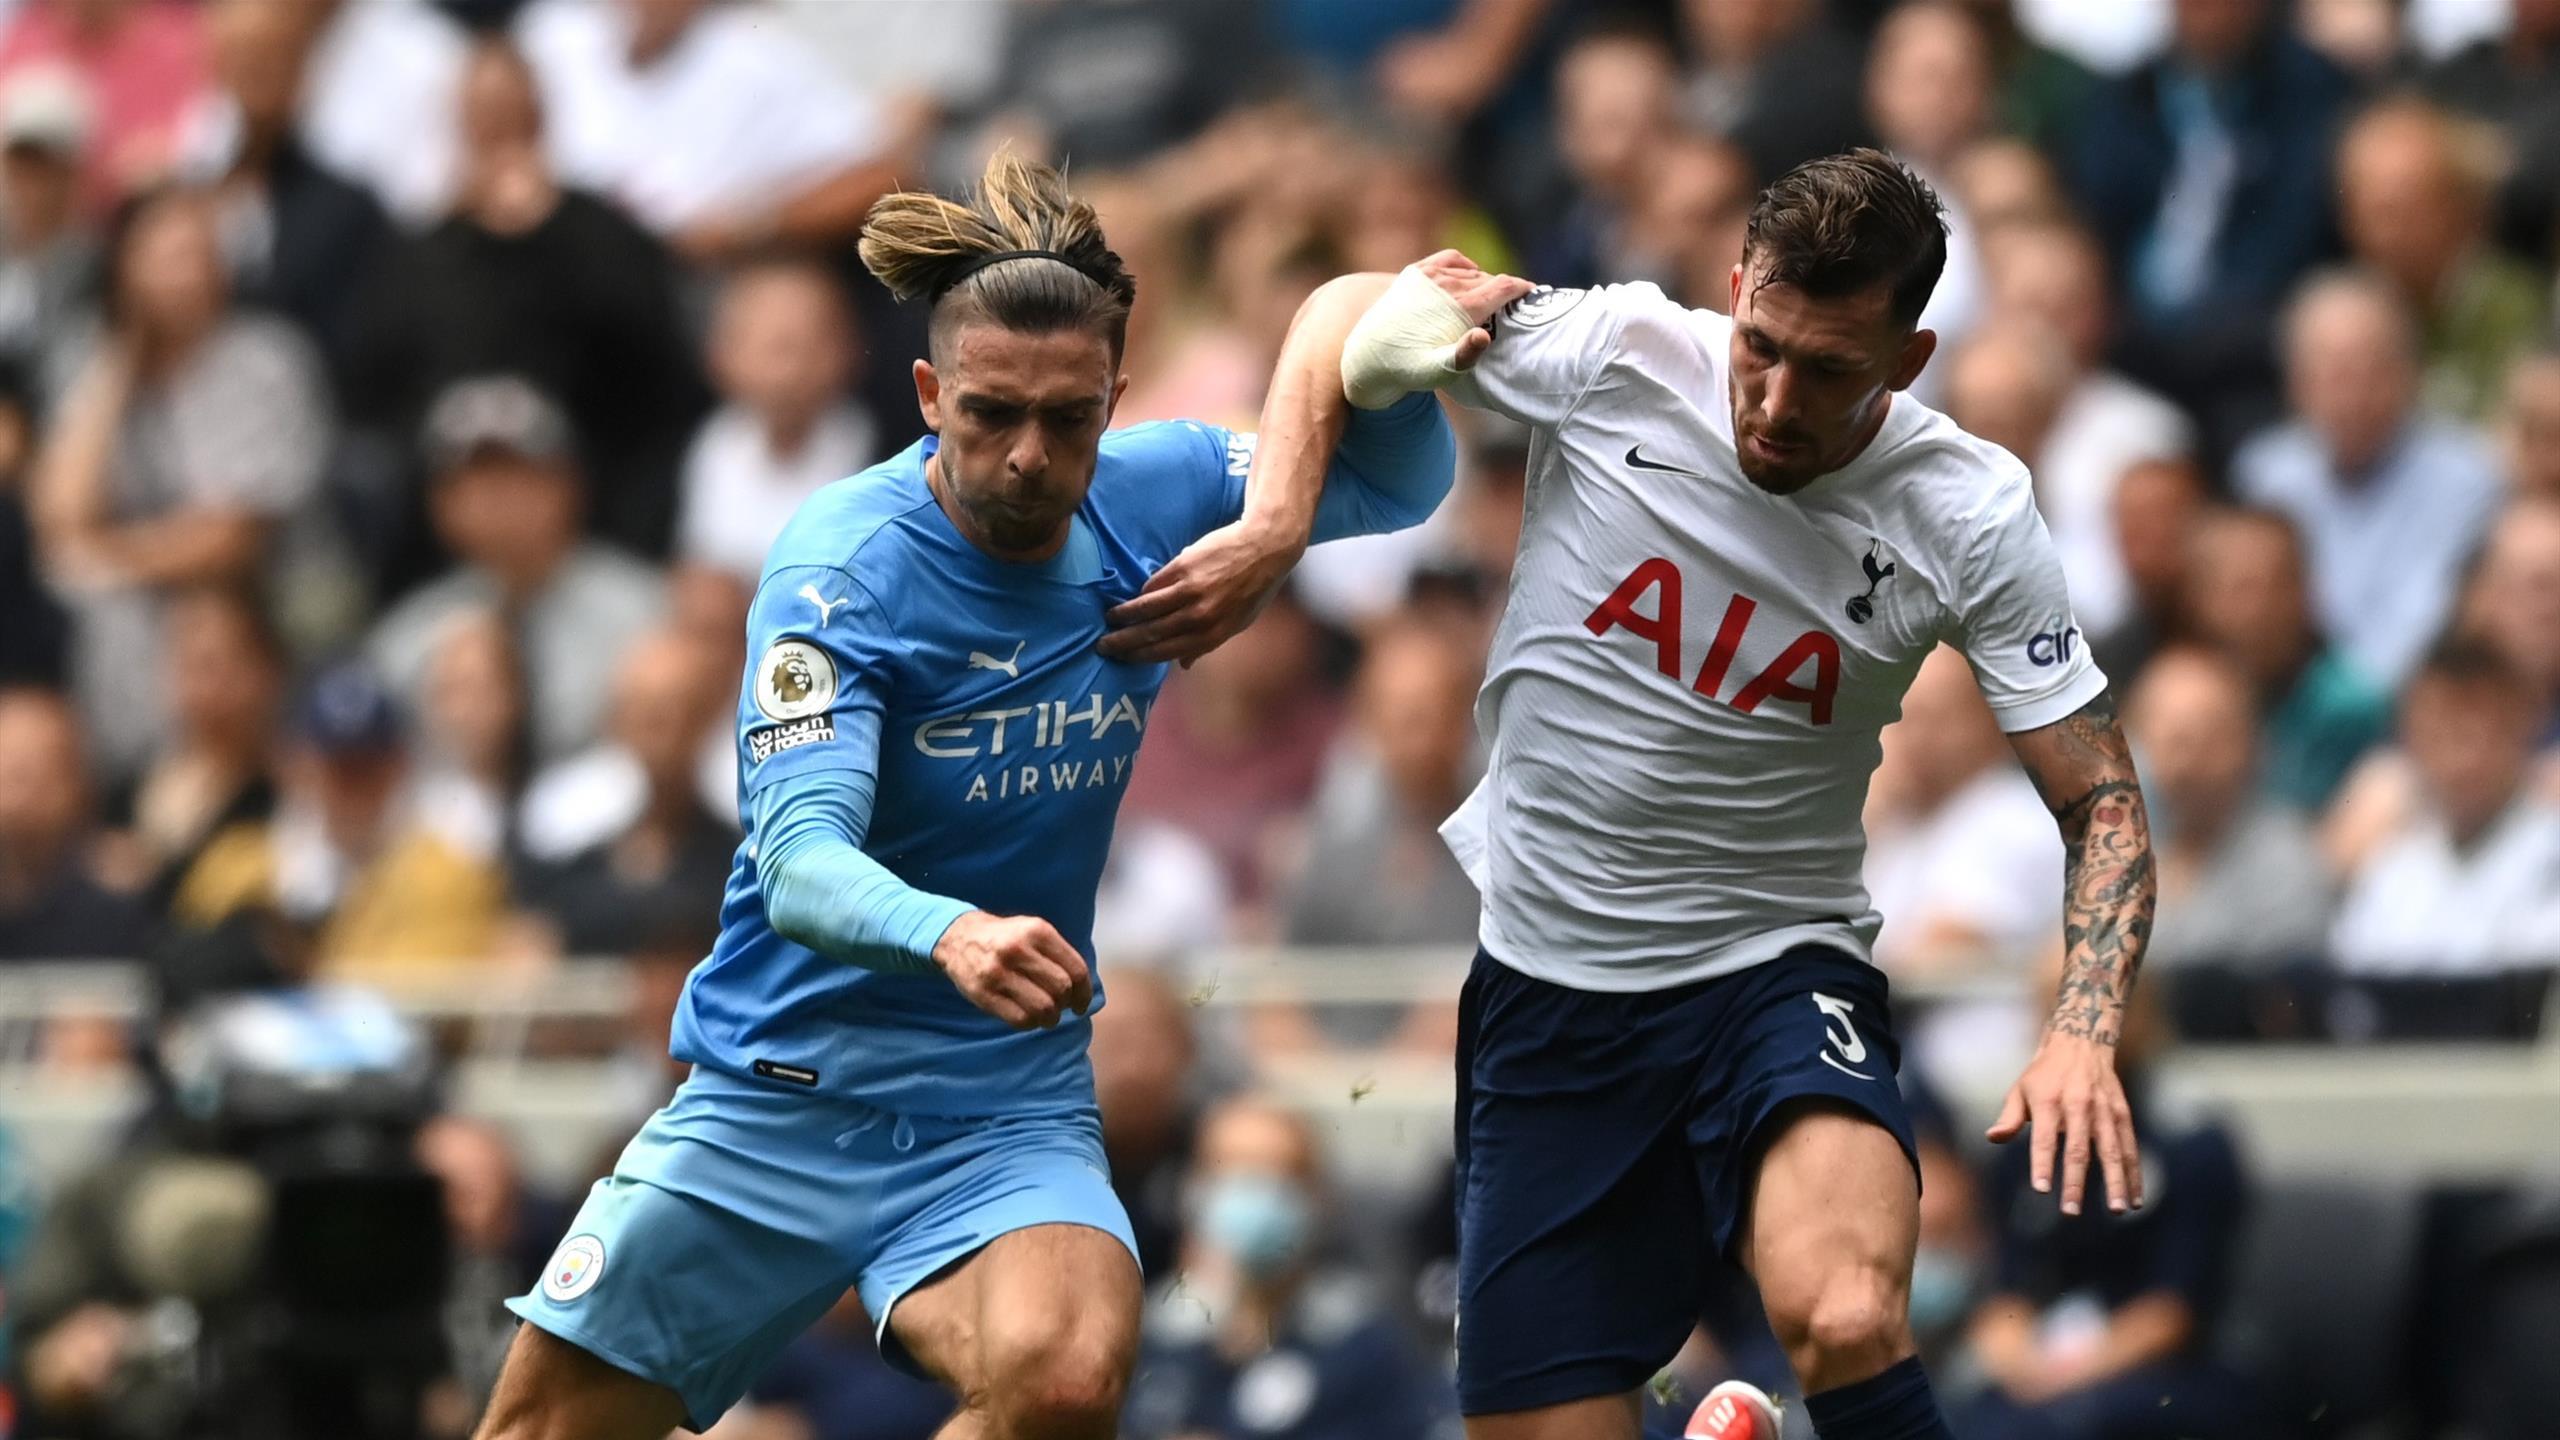 ManCity: Grealish won't make a summer alone – Kane transfer stops